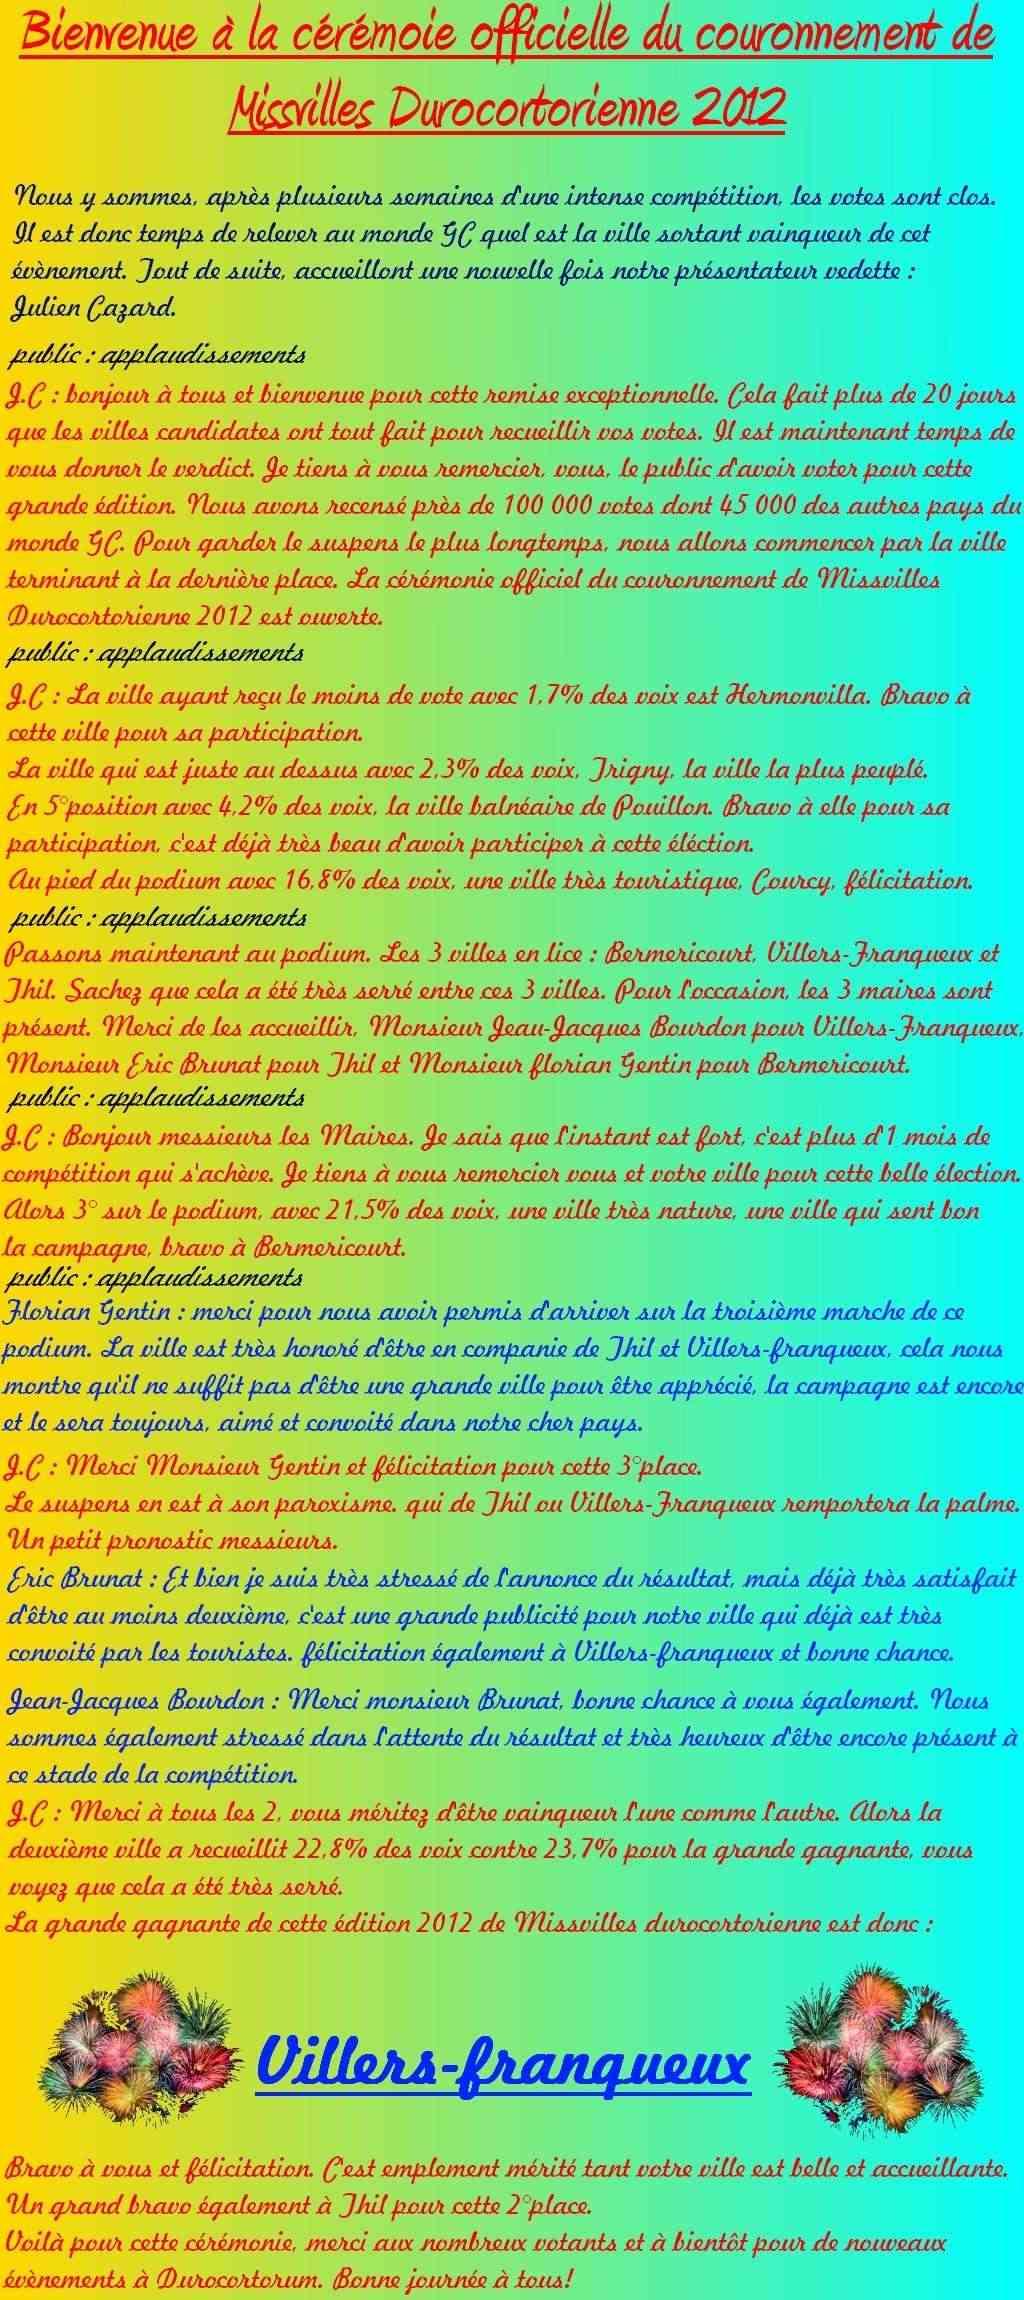 DUROCORTURUM, Monuments choisis pour rentre à l'IGP P12 - Page 10 Sans_t37